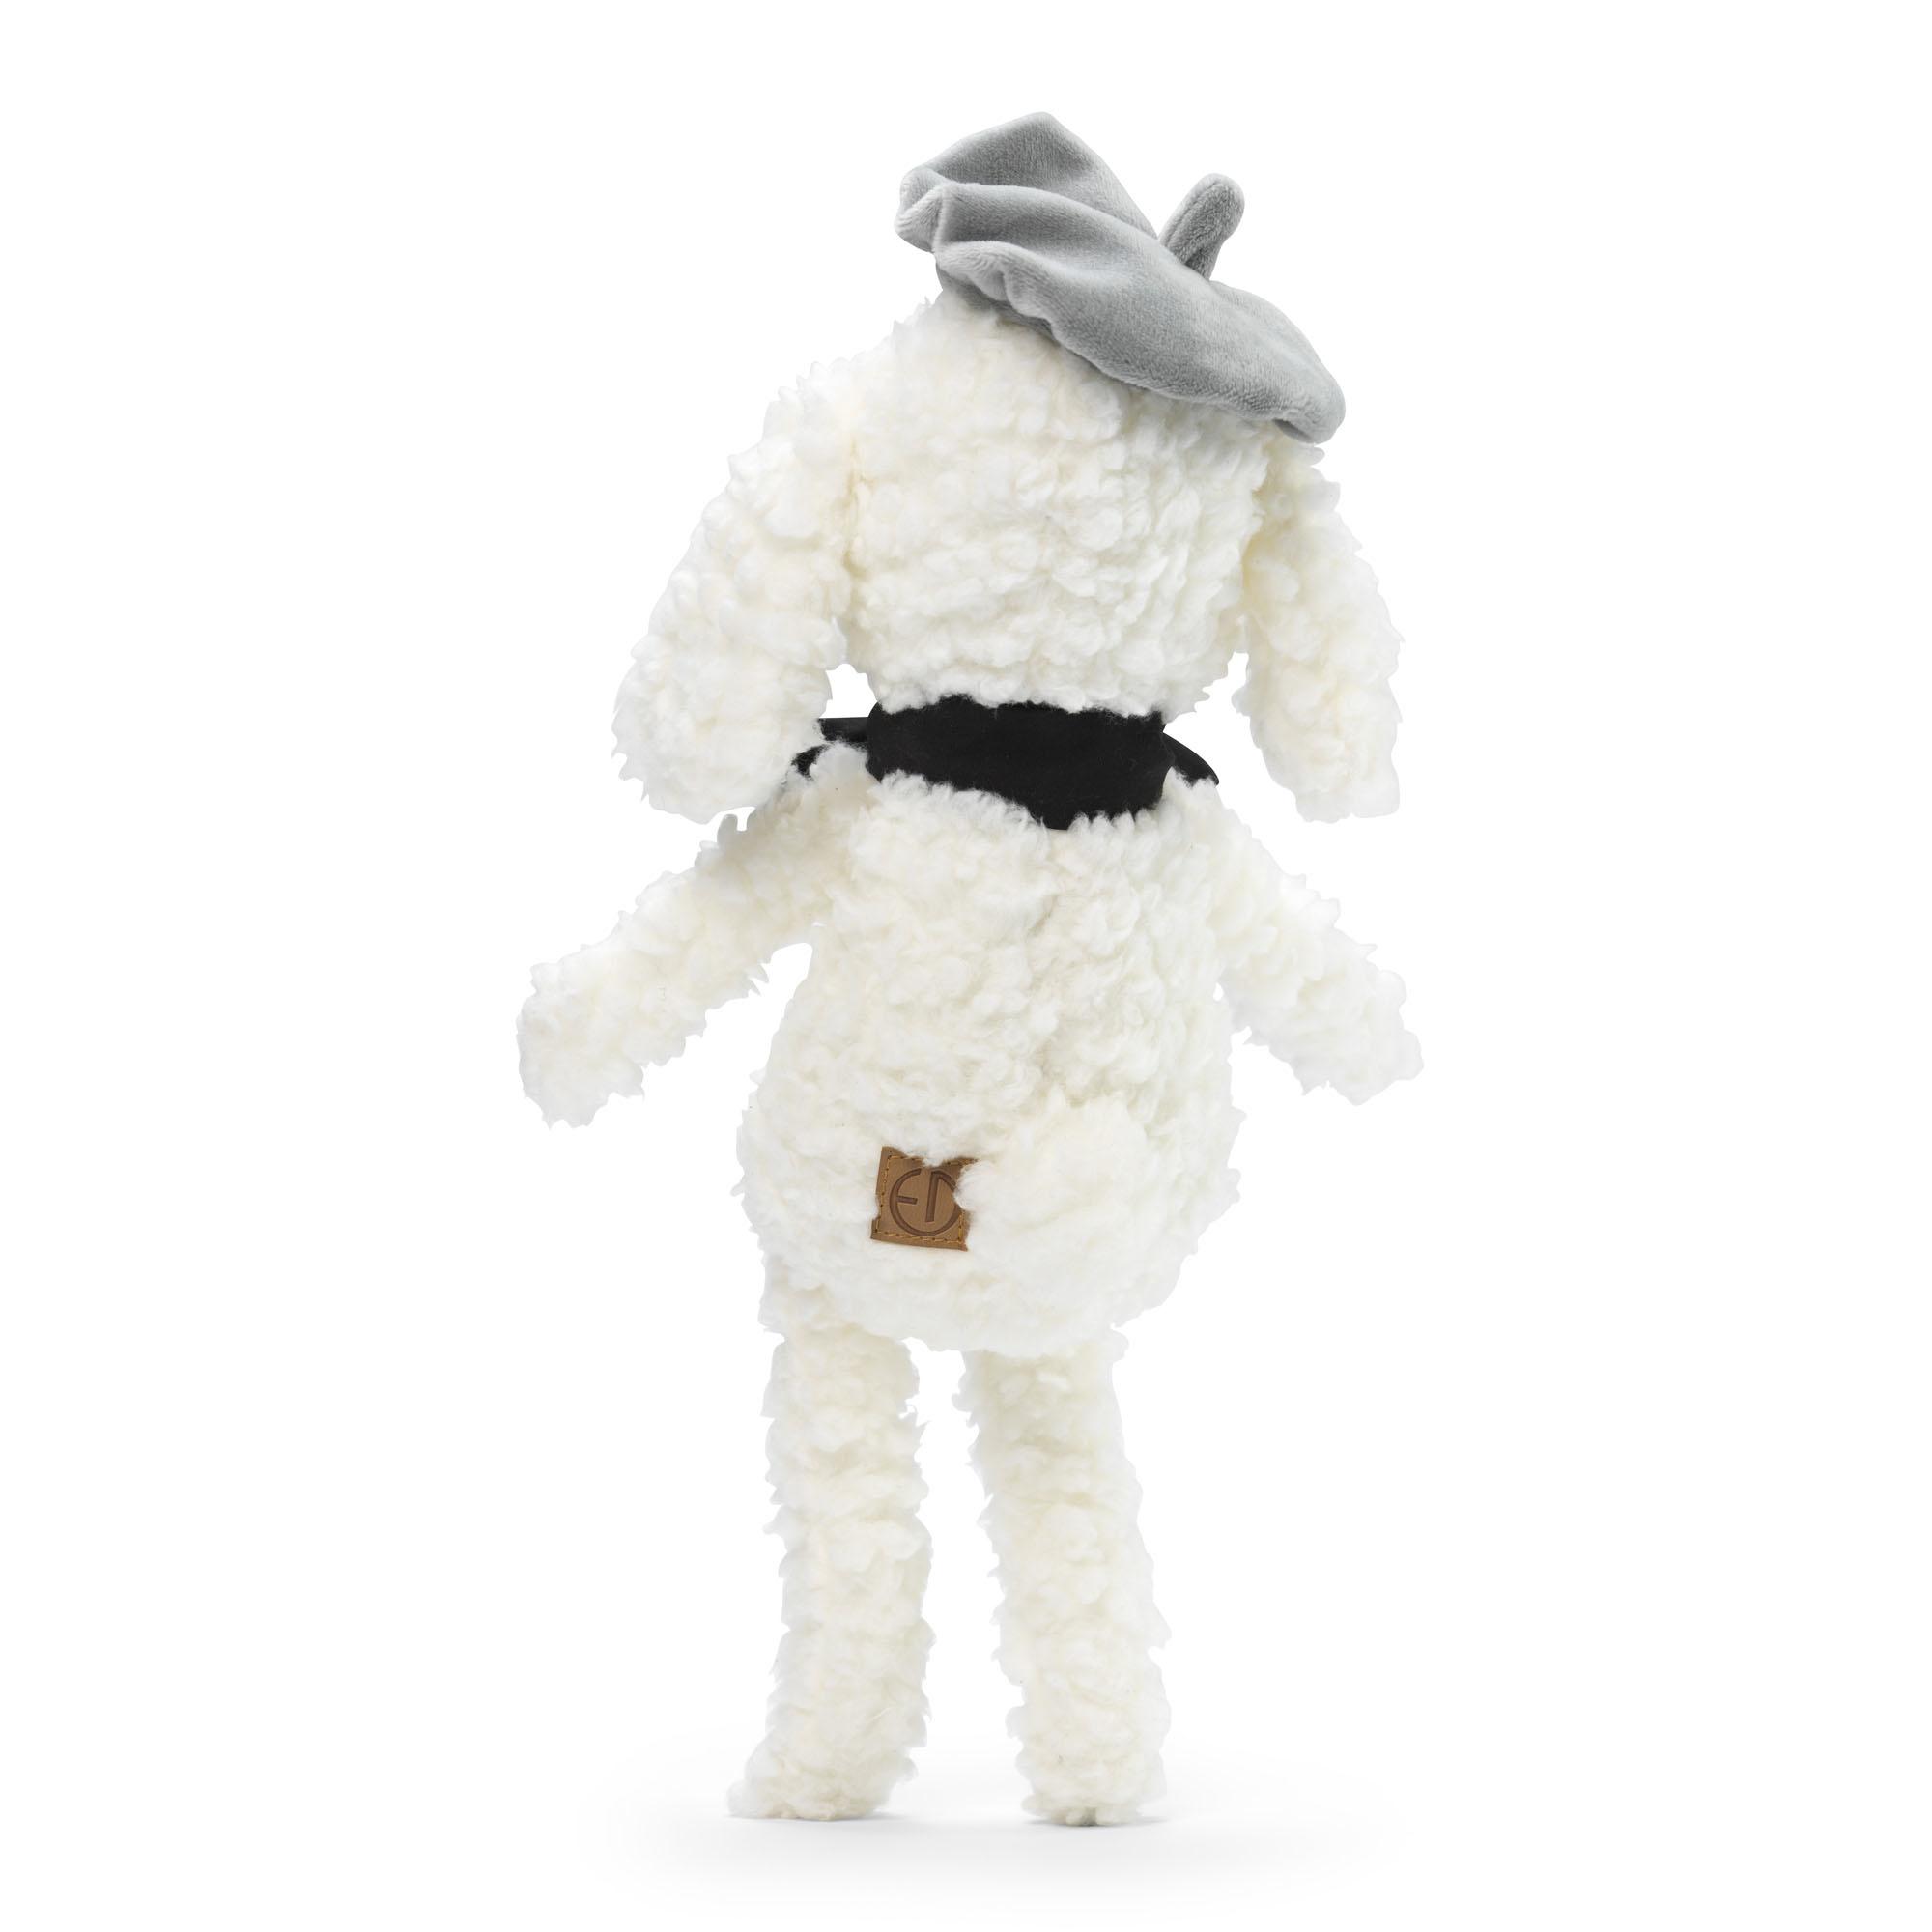 Elodie Details Elodie Snuggle Knuffel Rebel Poodle Paul